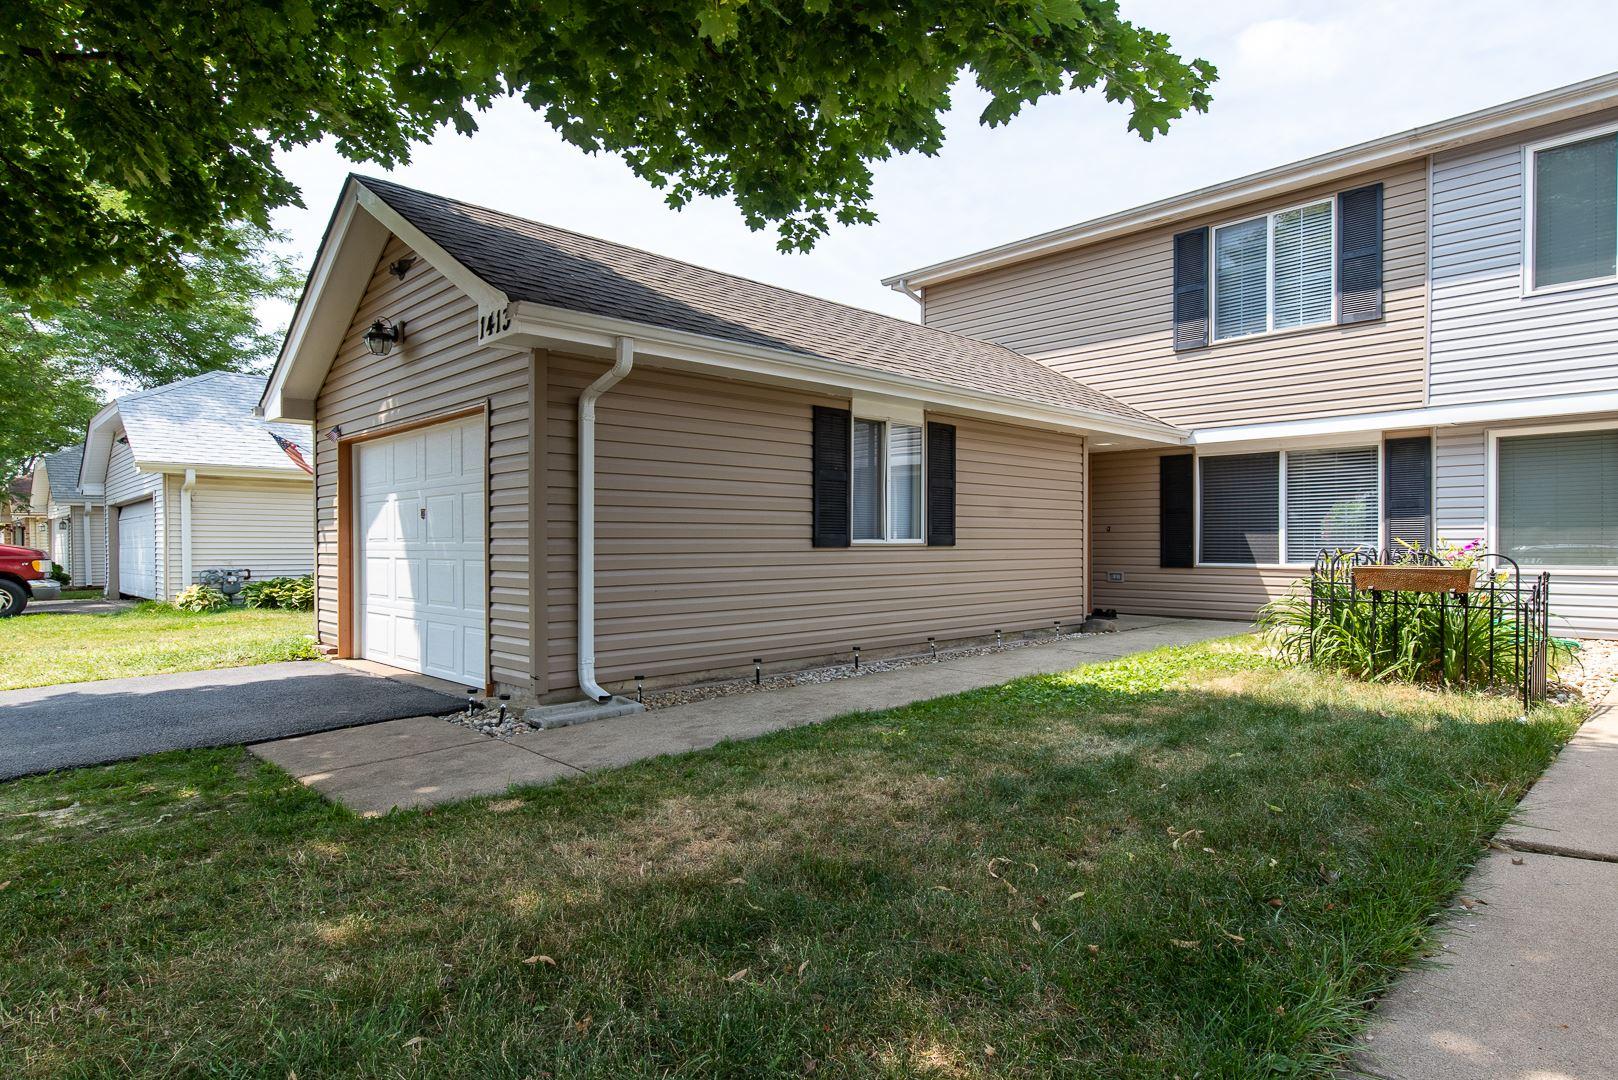 1413 Andover Drive, Aurora, IL 60504 - #: 10778512